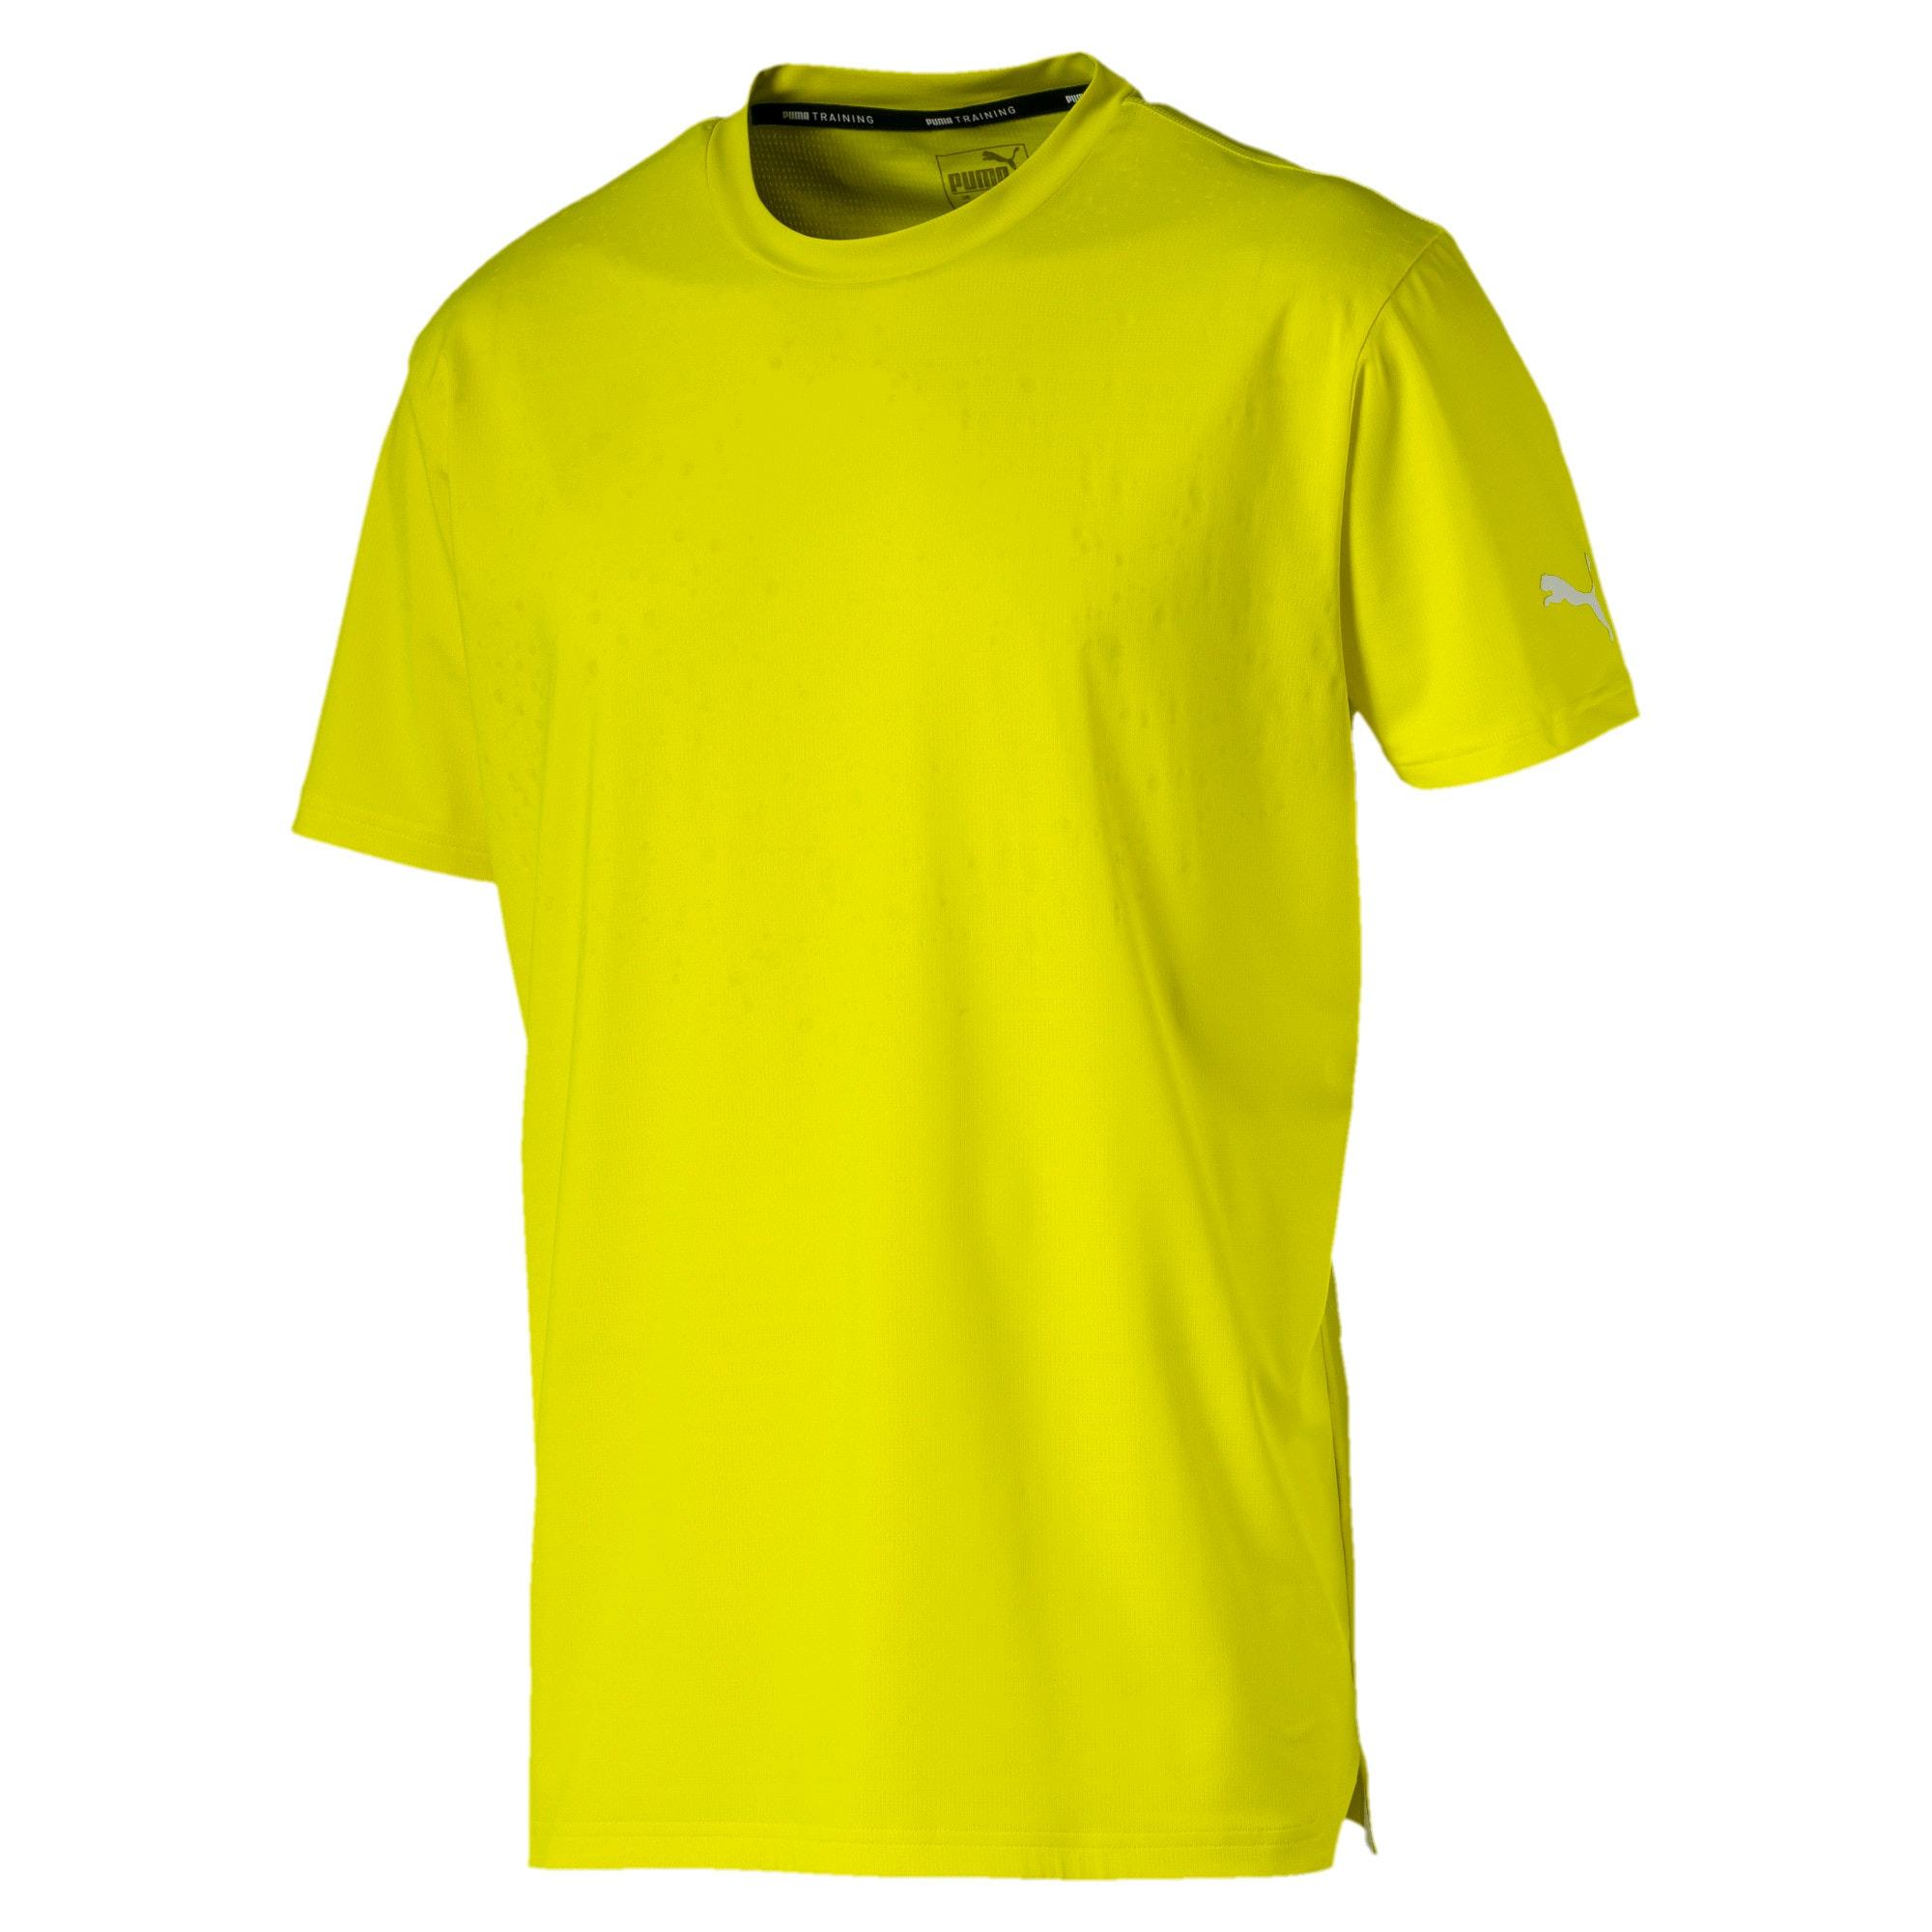 Miniatura 4 de Camiseta reflectante Tech para hombre, Yellow Alert, mediano